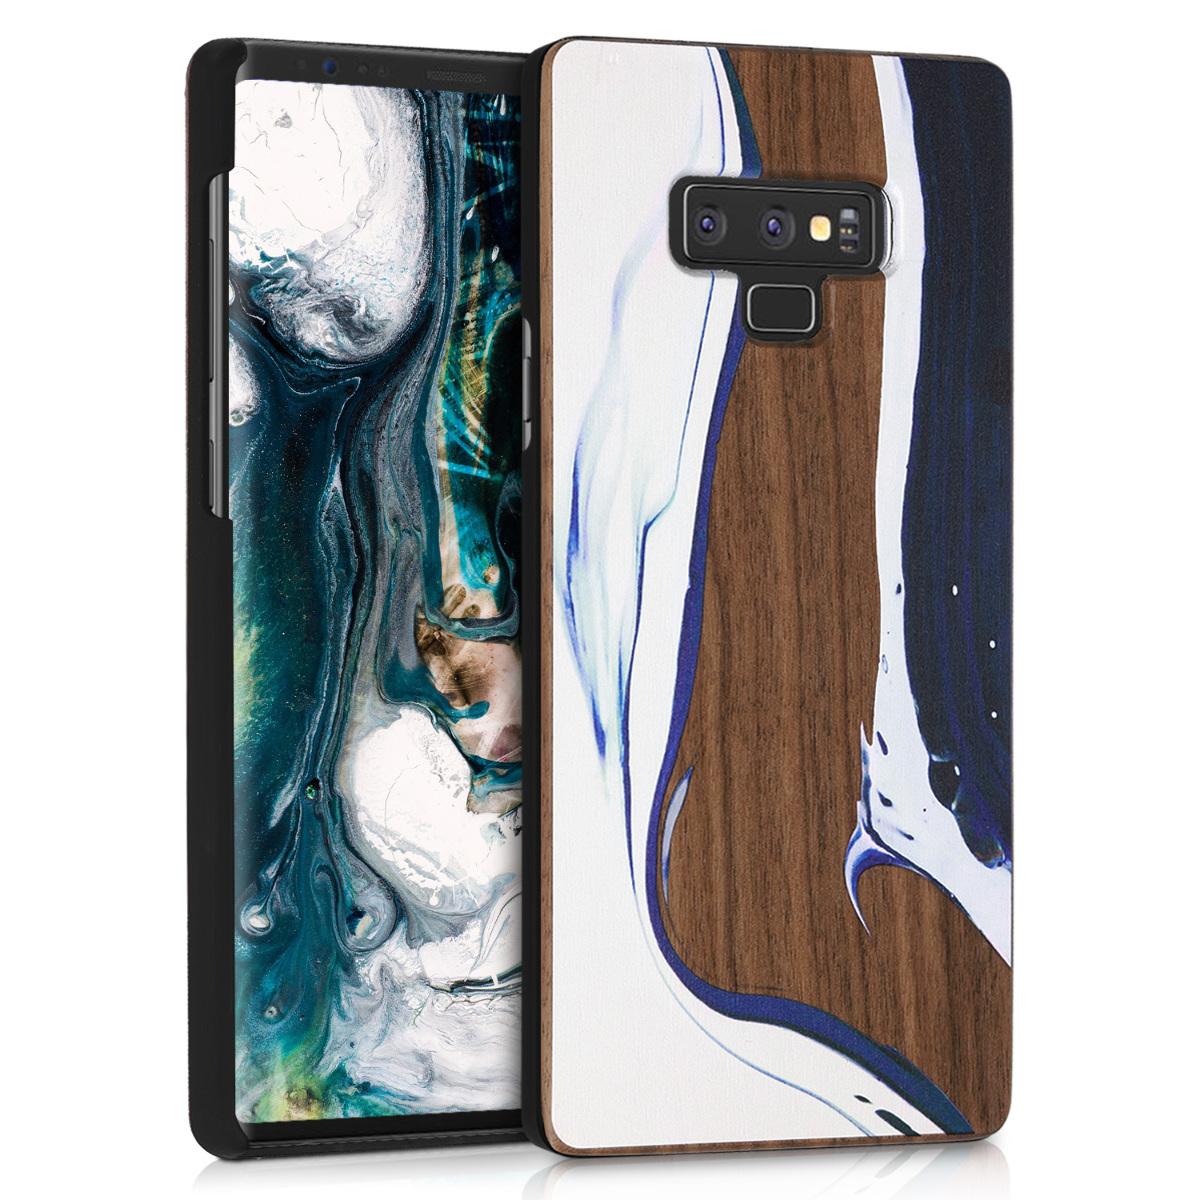 Dřevěné pouzdro pro Samsung Note 9 - Akvarel Waves bílá / modré / hnědá